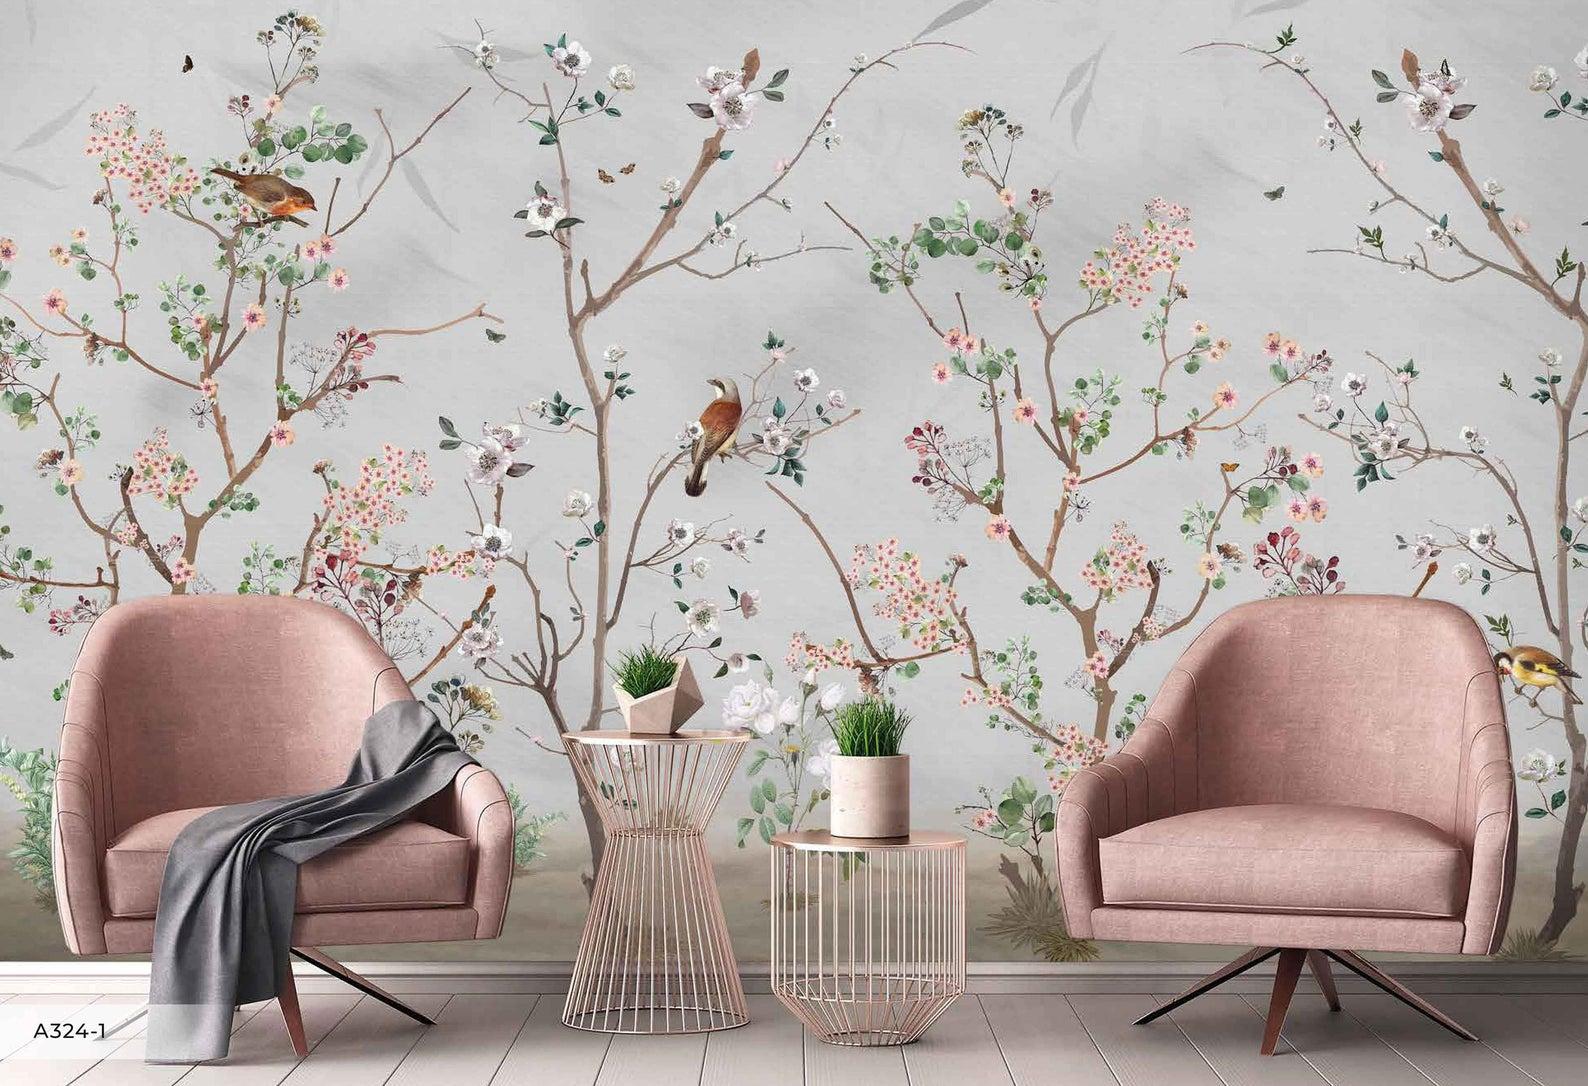 floral wallpaper, bird wallpaper, mural wallpaper, ornate wallpaper, entryway wallpaper, entryway wallpaper ideas